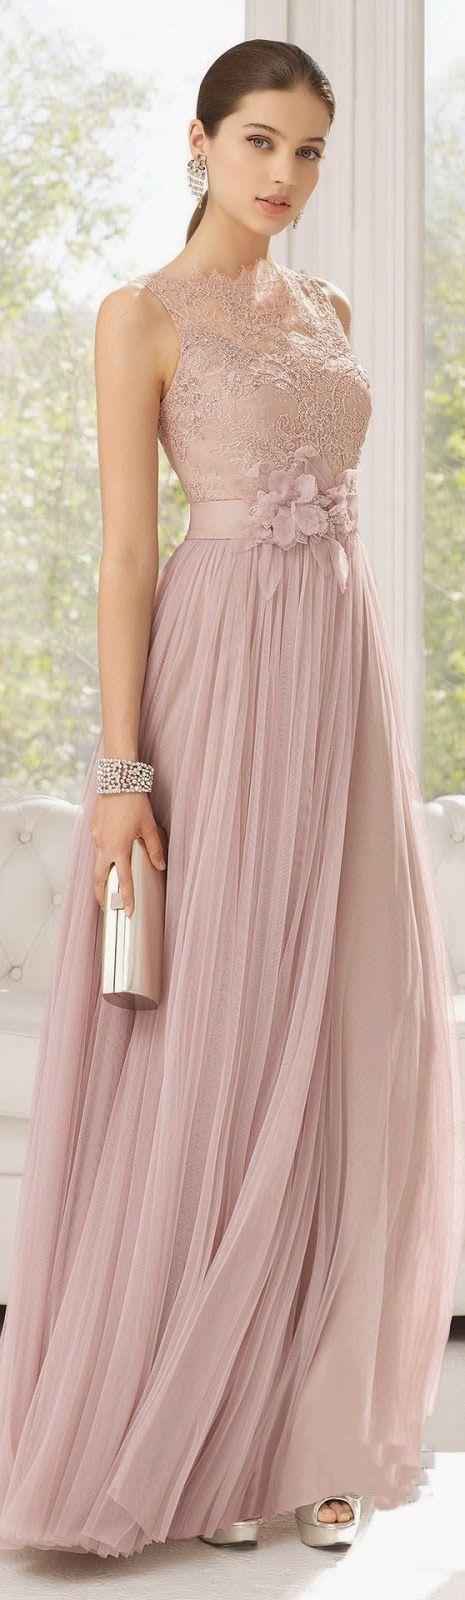 Kleid / Rosé / zart / Spitze / schön | Kleider | Pinterest ...